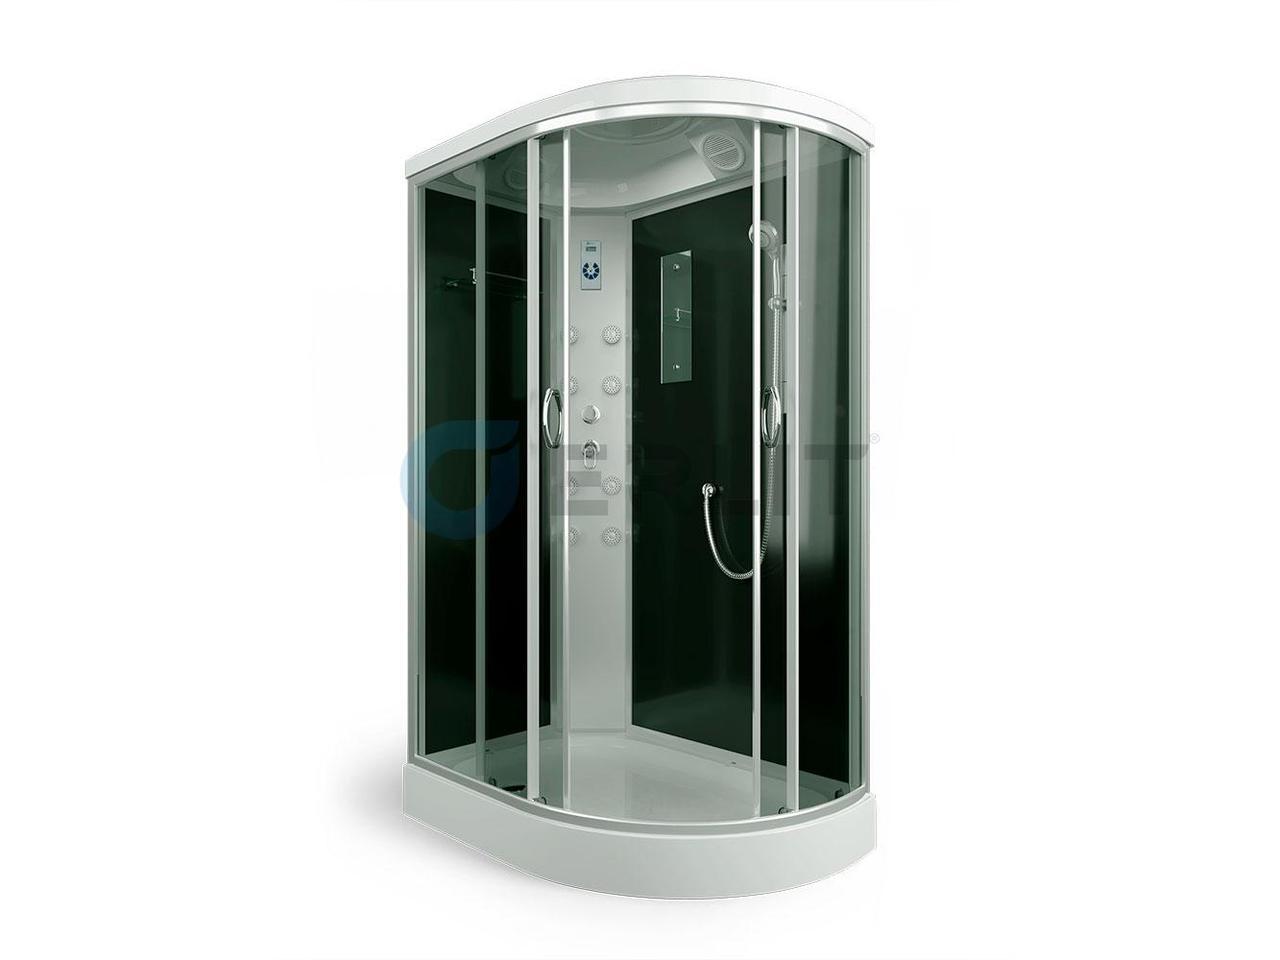 Душевая кабина ER4512PL-C4 1200*800*2150 низкий поддон, тонированное стекло, левосторонняя